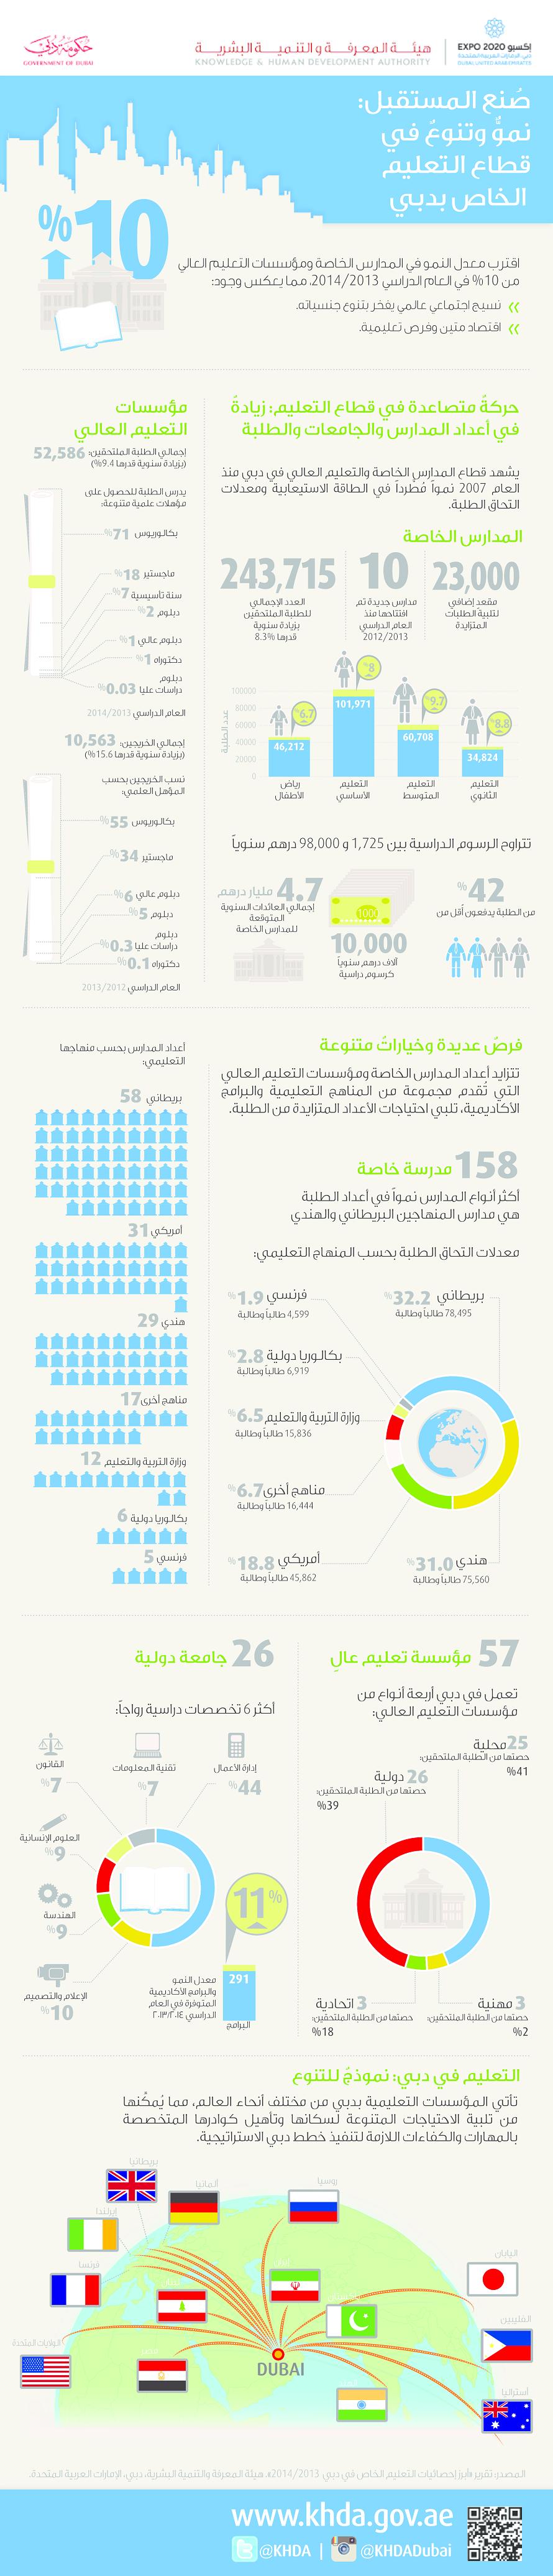 انفوجرافيك يجسد تطور التعليم في دبي